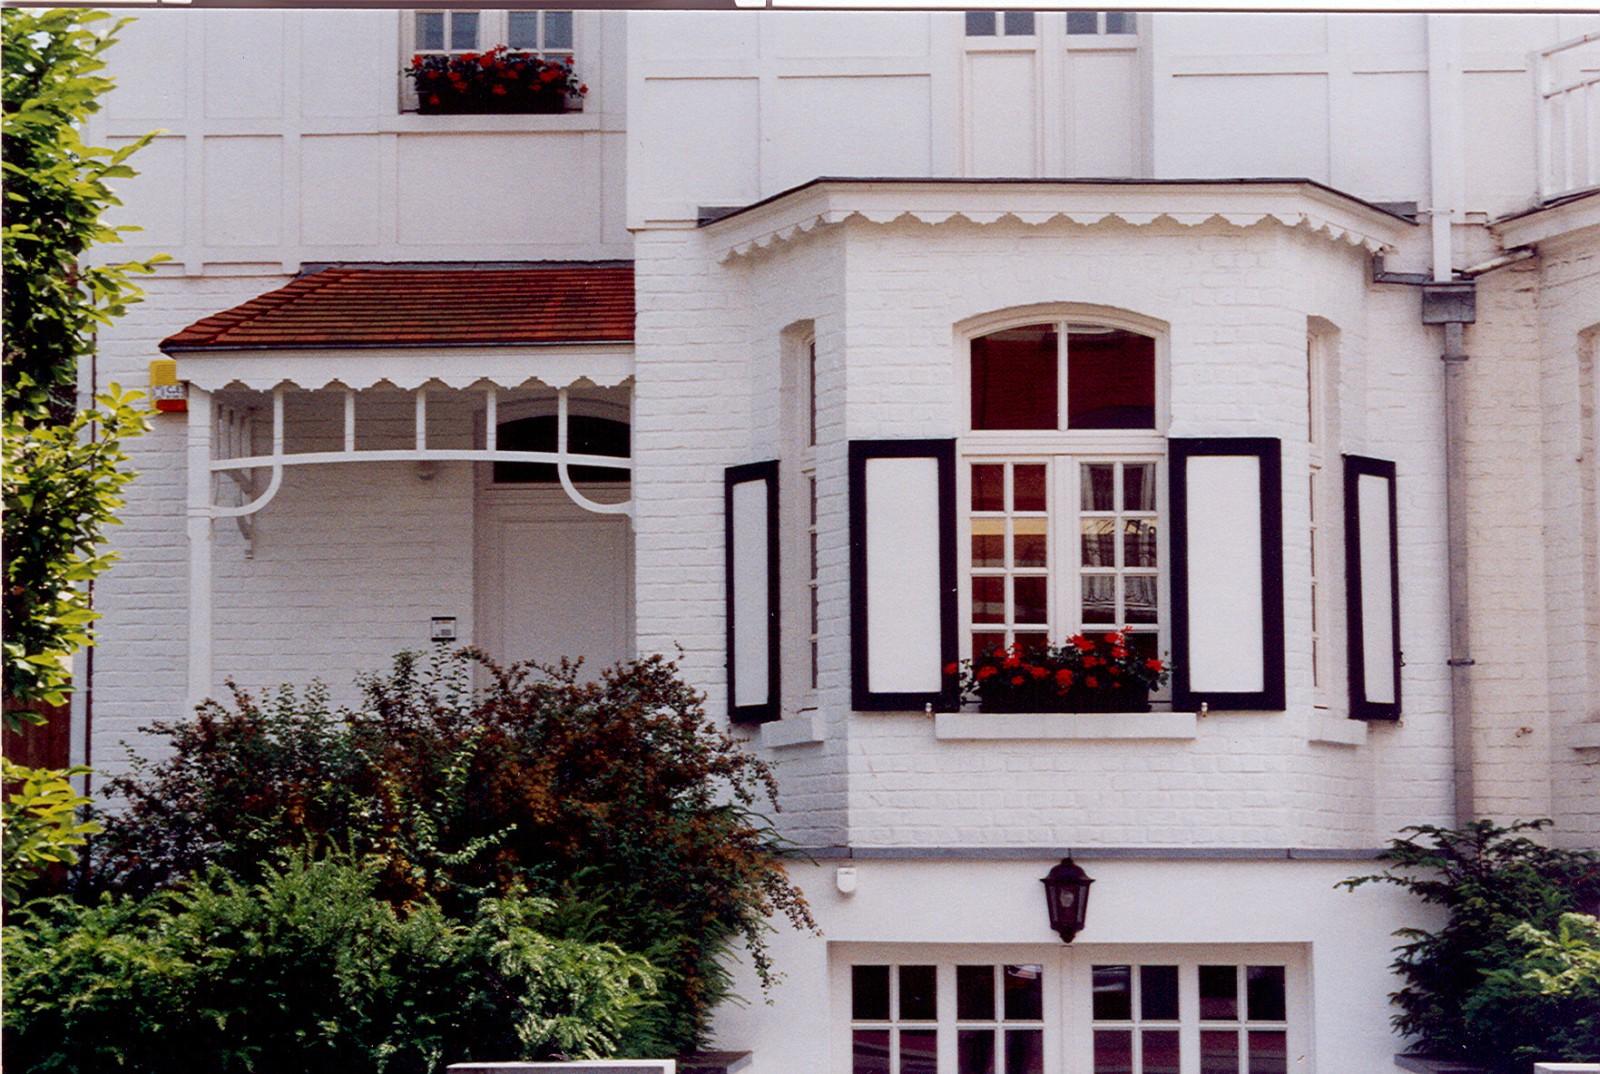 Porte d\'entrée et bow-window sous corniche à lambrequin, av. Edmond Parmentier 111, Woluwe-Saint-Pierre, 1922, architecte Ph. Van Styvendael., 2003